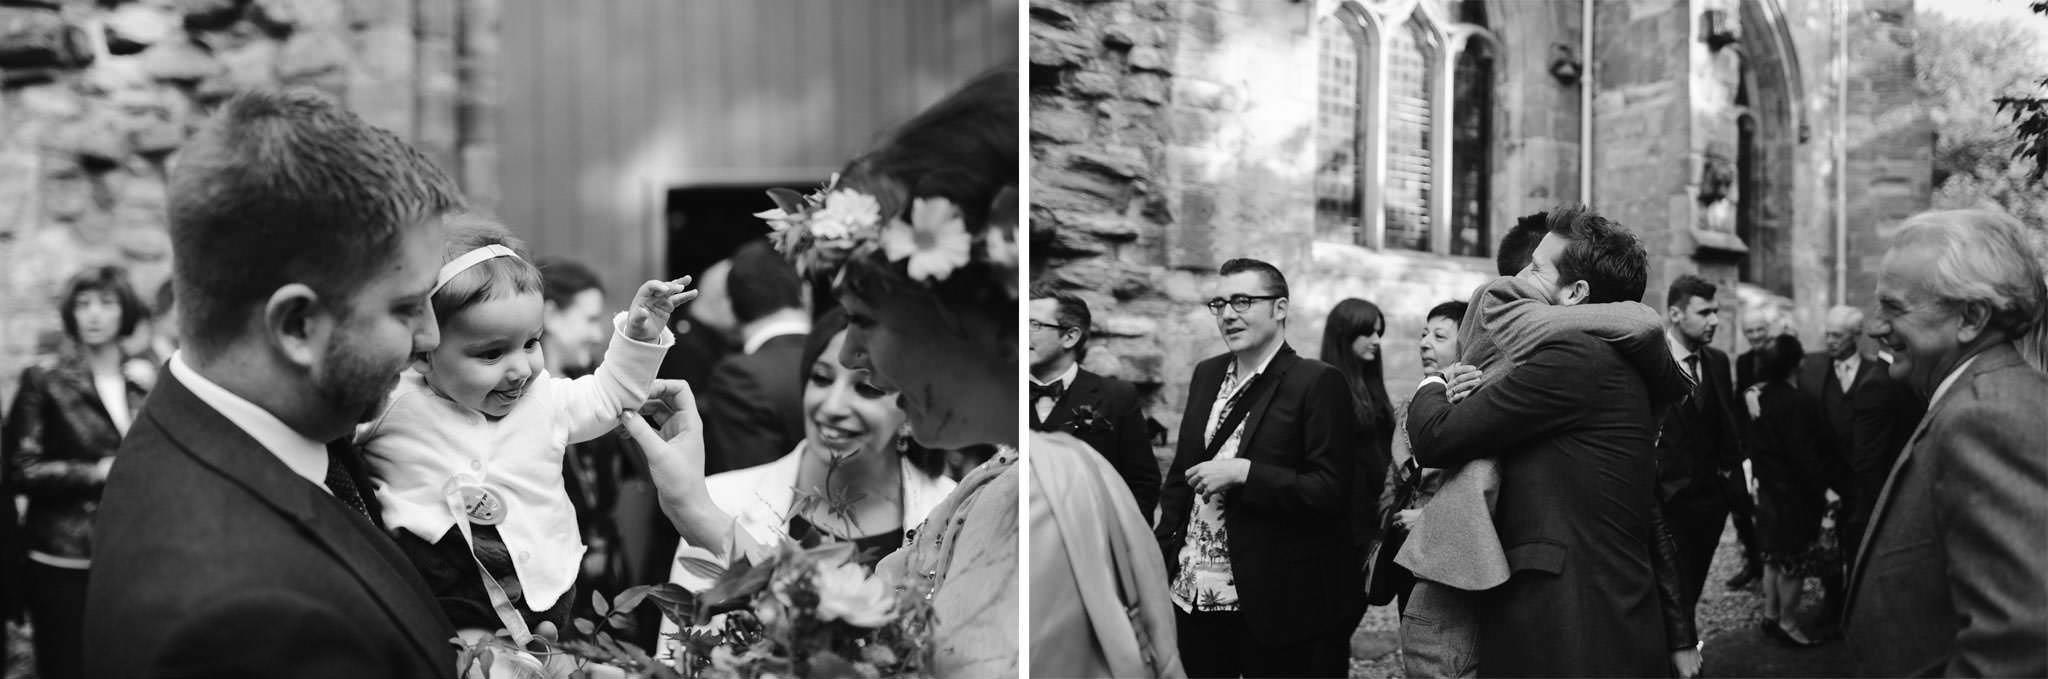 scottish-wedding-photography-078